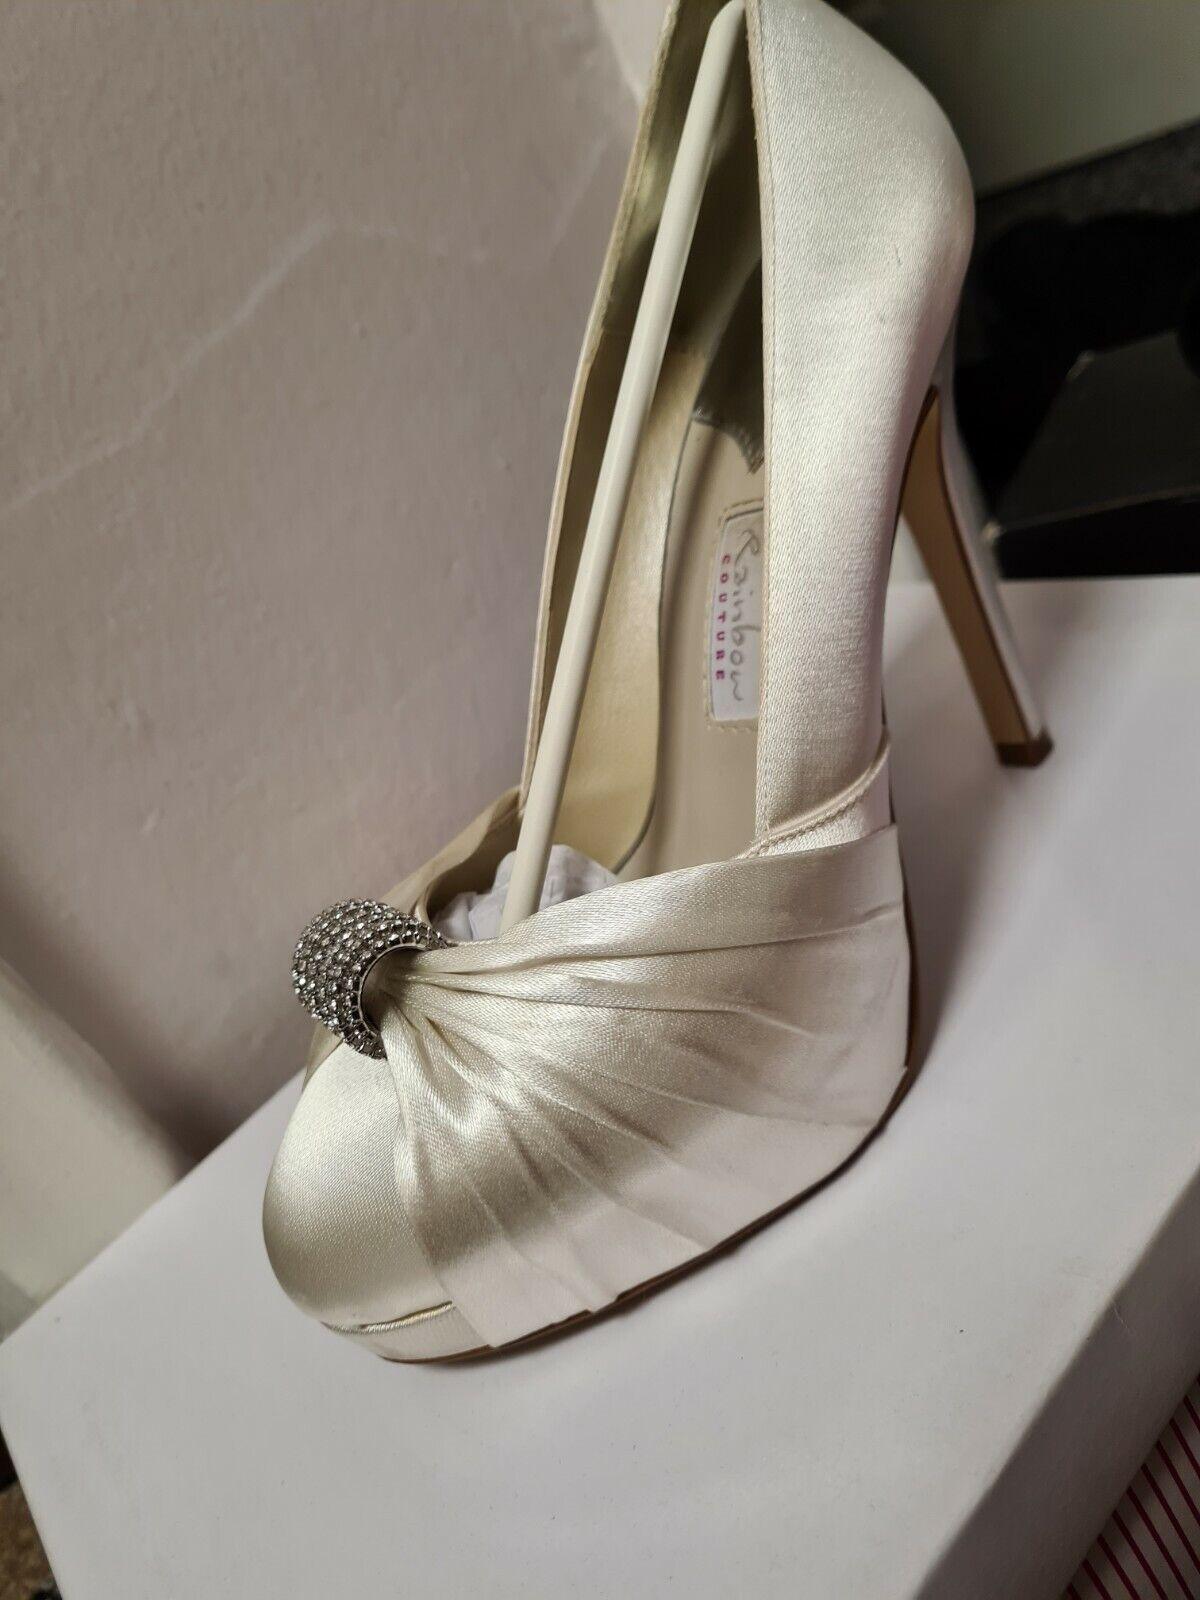 Ivory wedding bridal shoes size 5